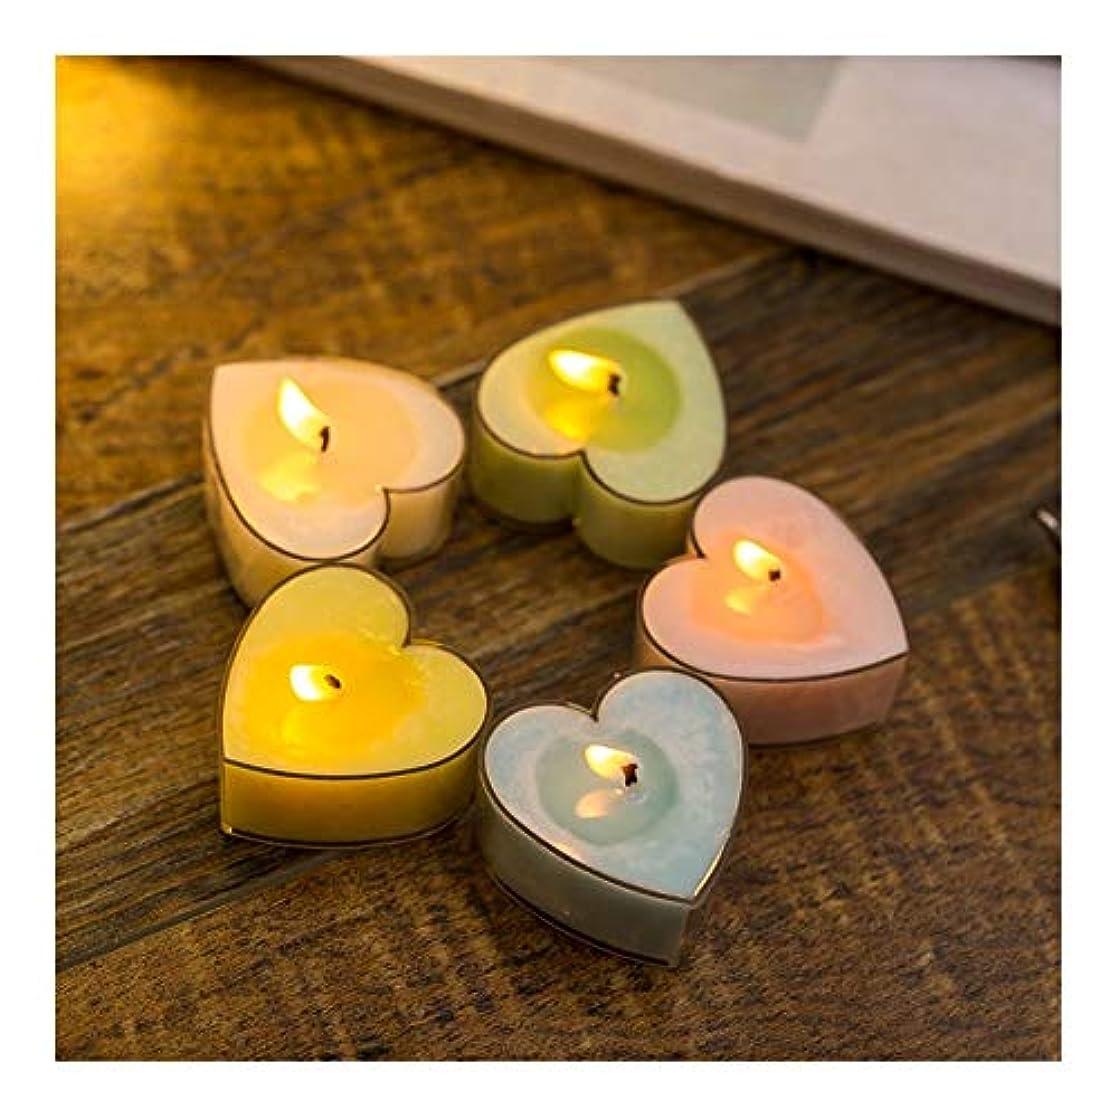 モチーフ味わう謝罪するZtian 家の多彩なモモの中心の香料入りの蝋燭のカップルの悪いギフトの小さい蝋燭 (色 : Marriage)